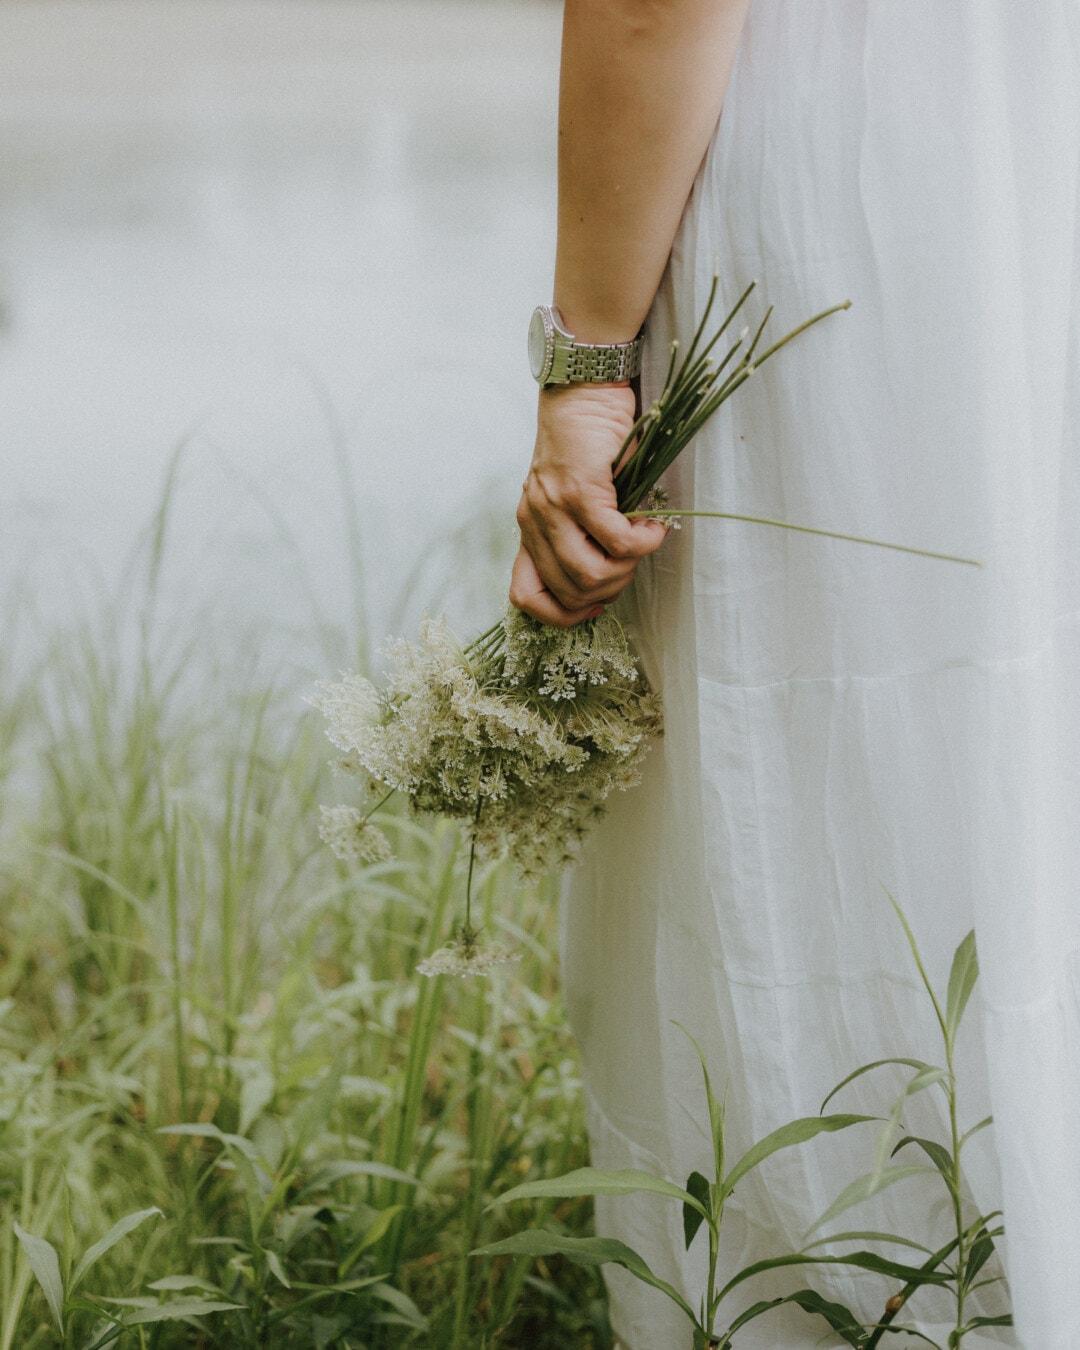 Mädchen, Hand, Hochzeitskleid, Blumenstrauß, Wildblumen, grasbewachsenen, Braut, Hochzeit, Natur, Blume